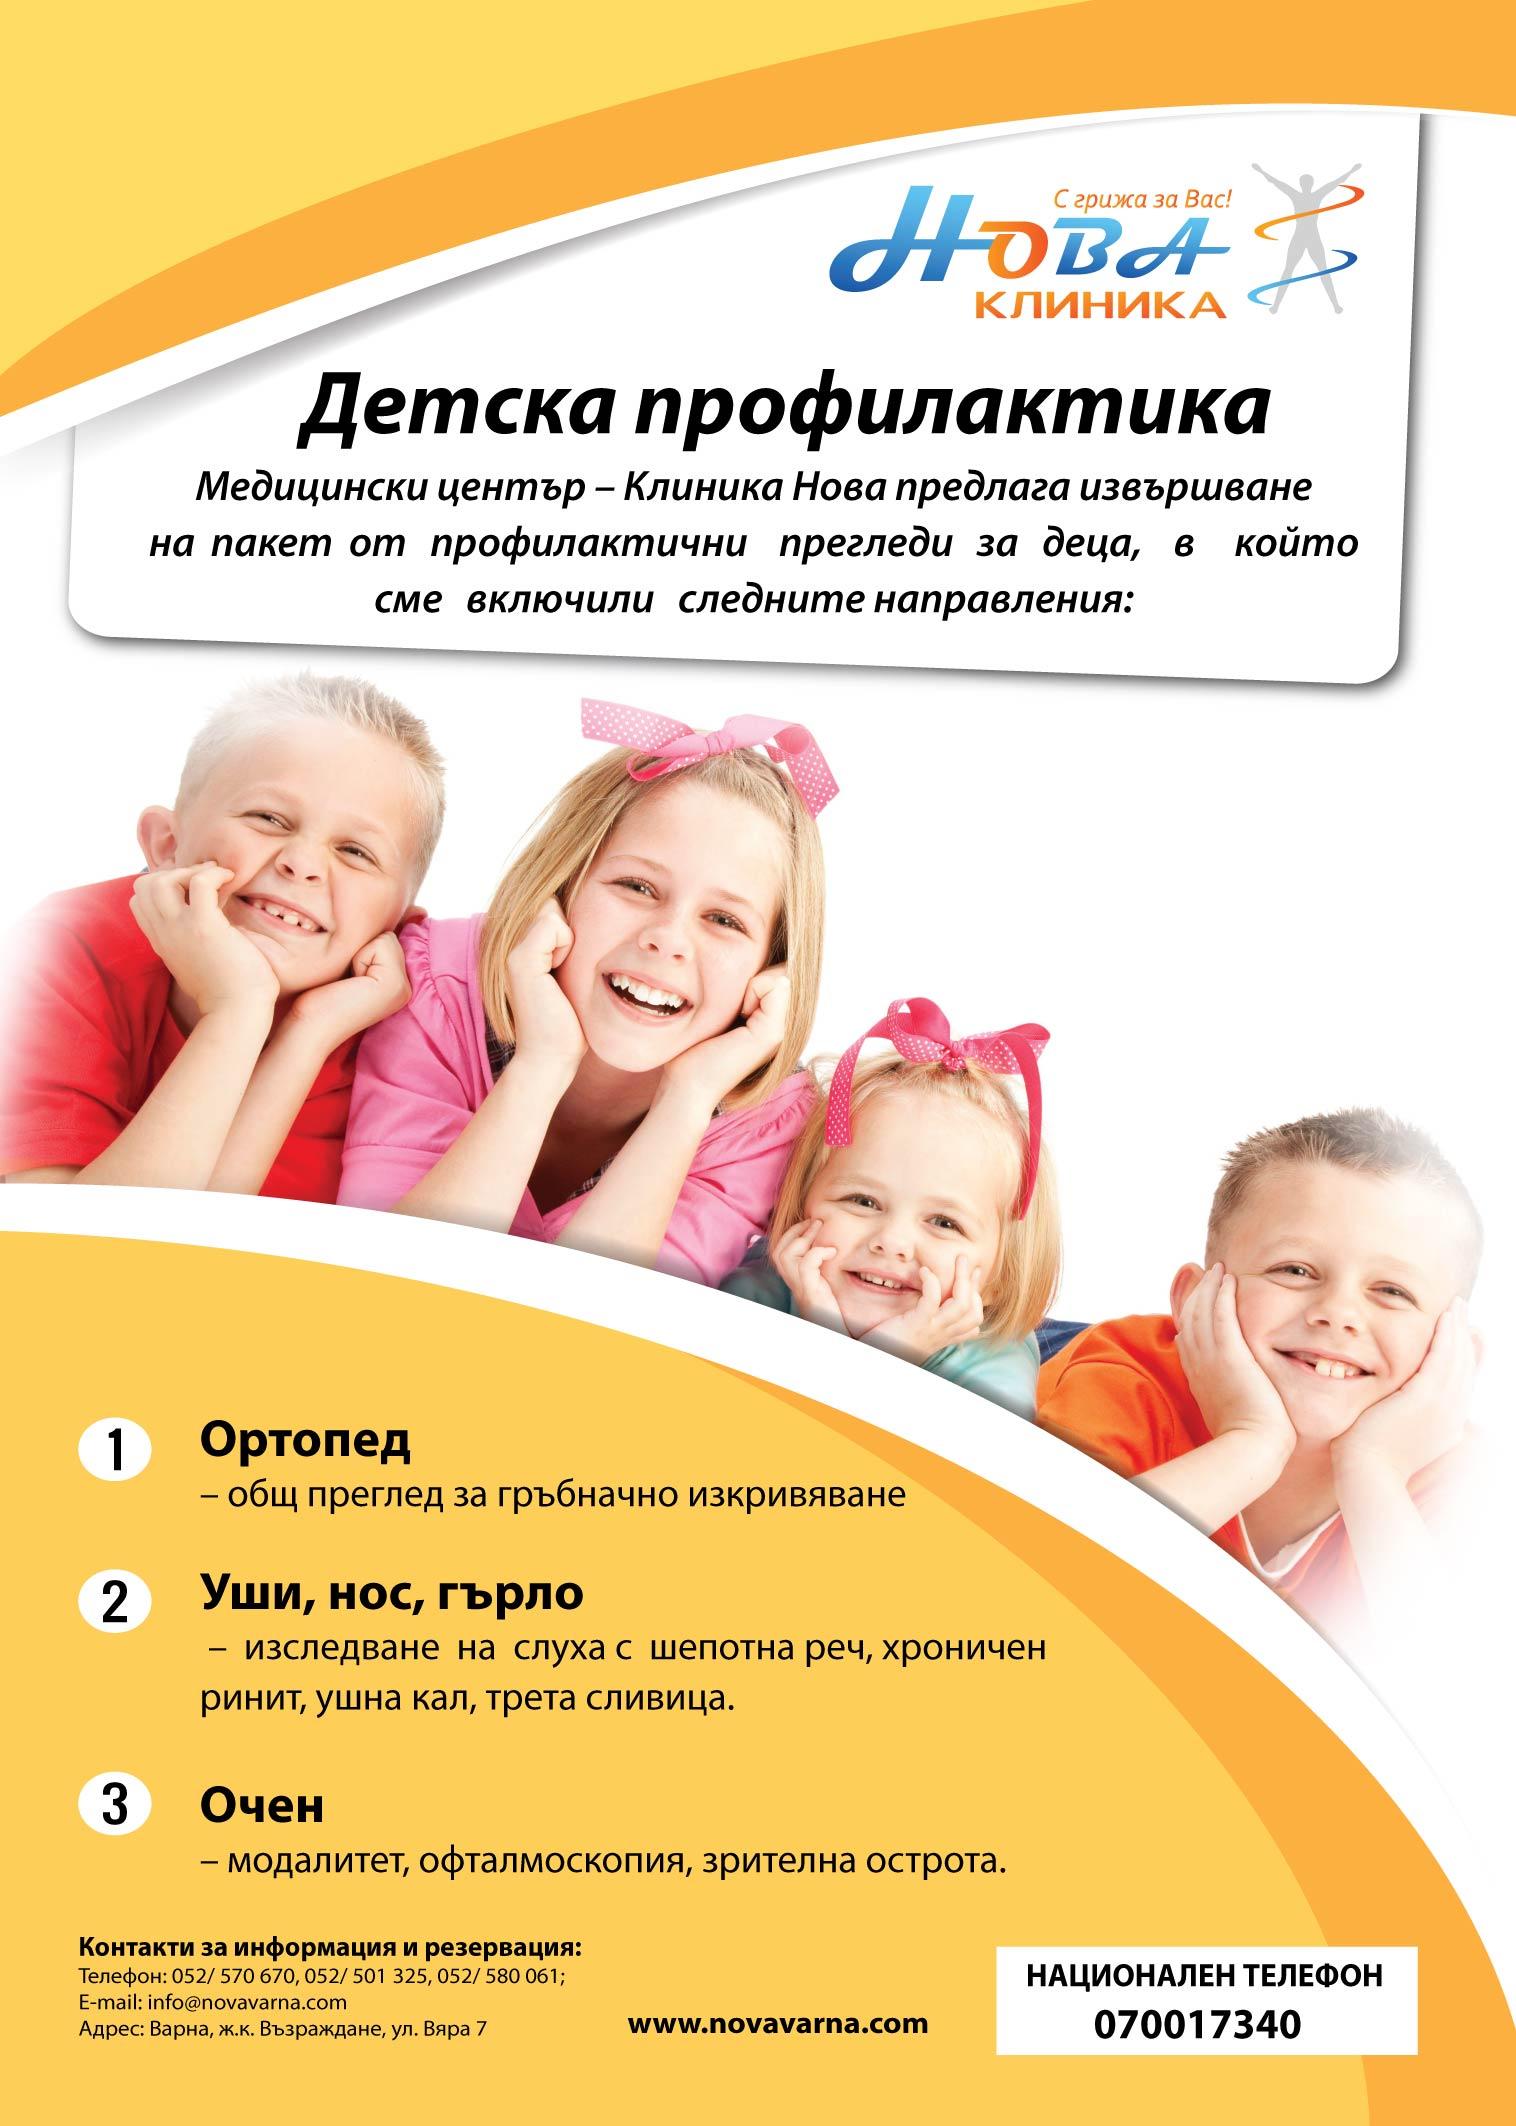 Детска профилактика - флаер